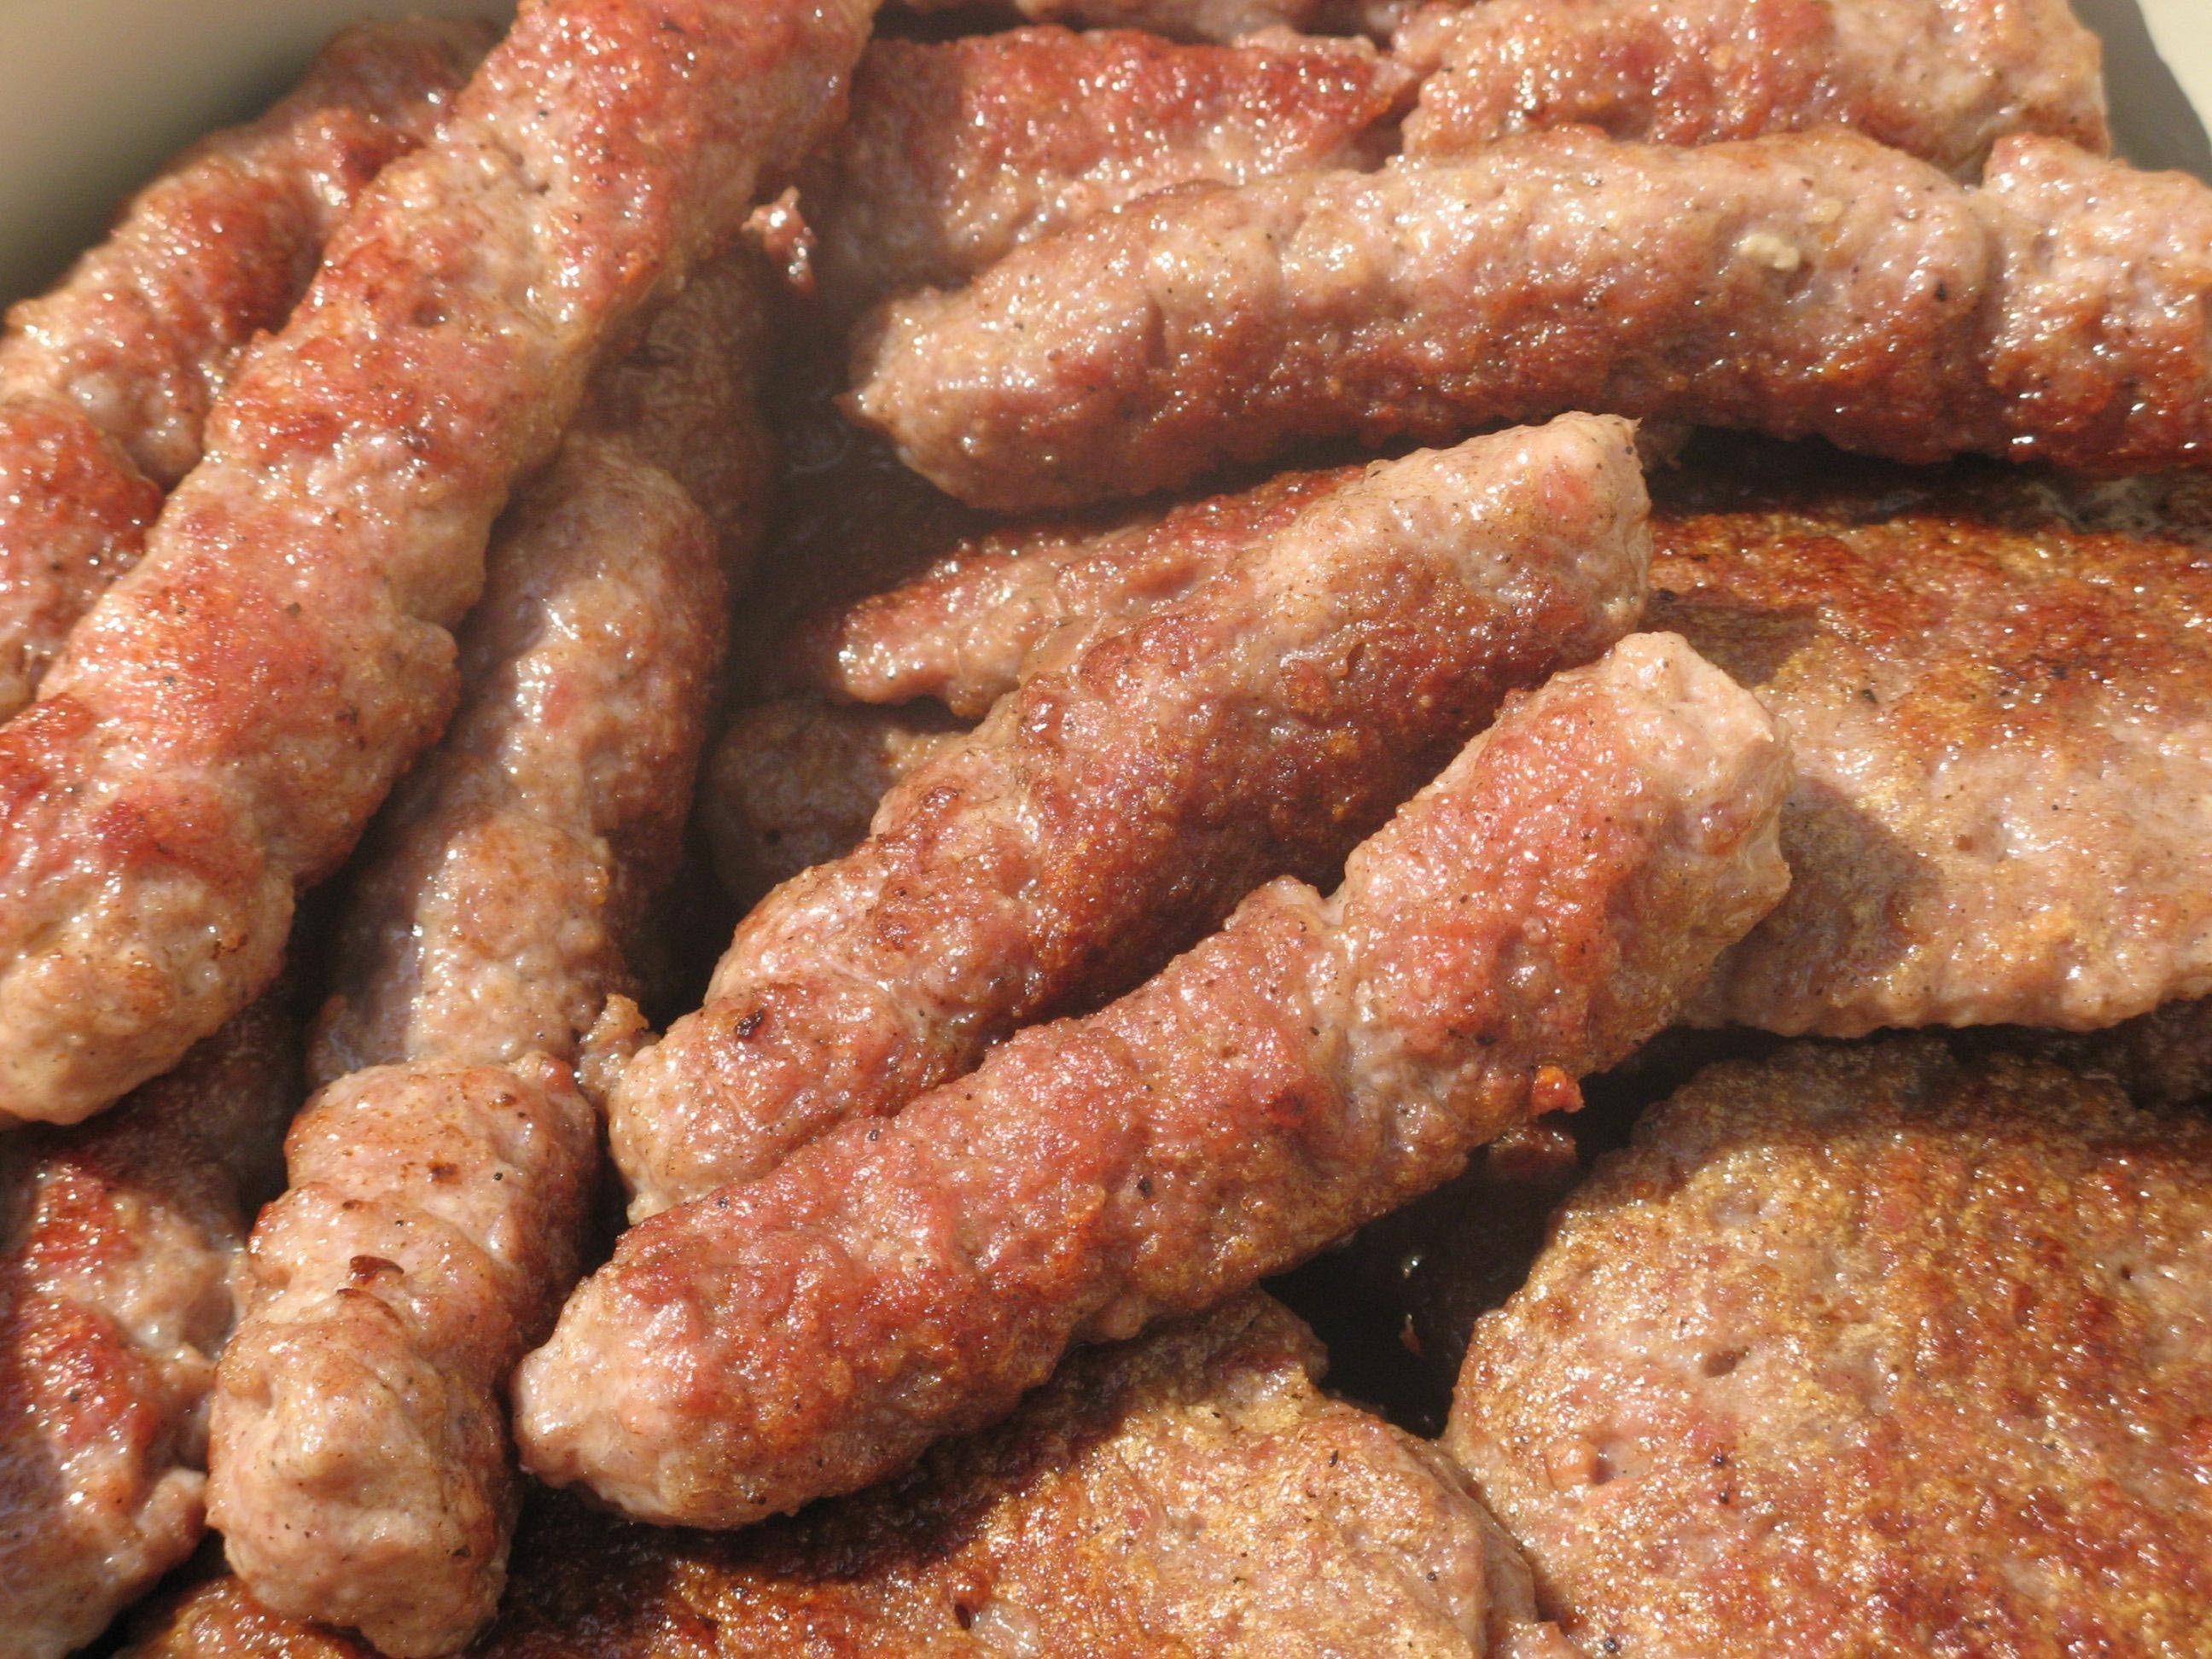 how to prepare sausage casings